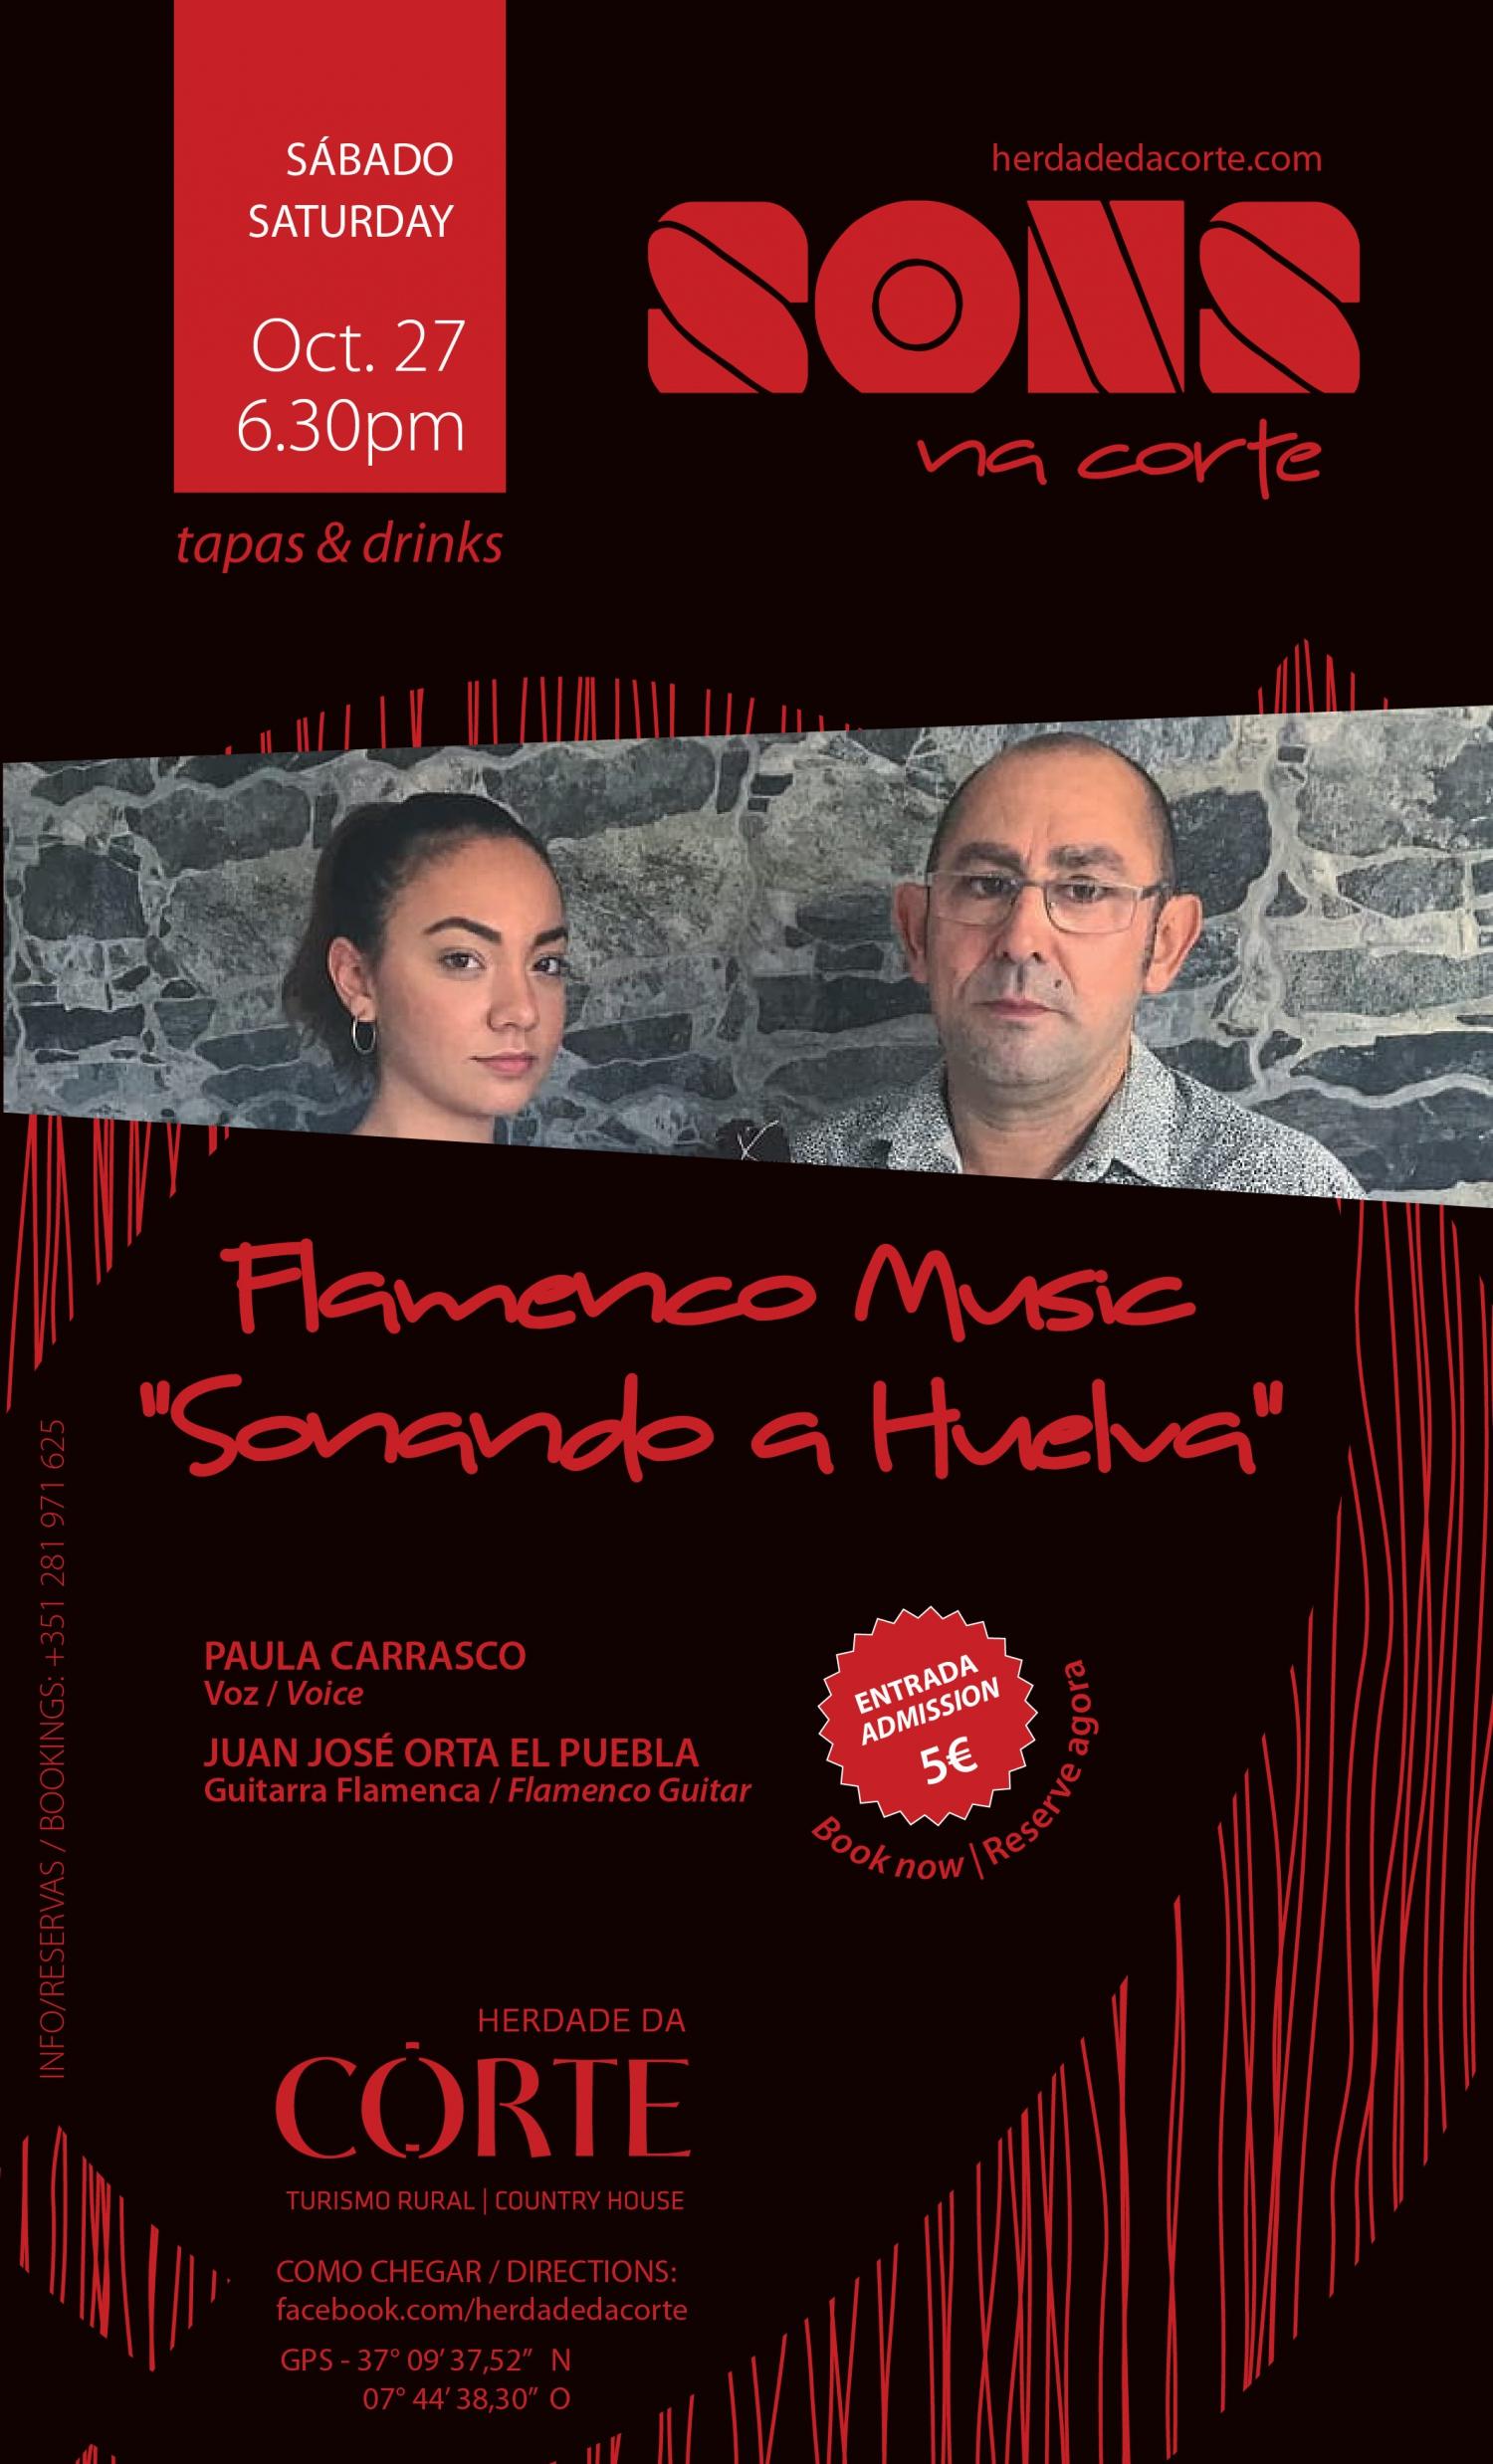 Flamenco evening  at Herdade da Corte with Sonando Huelva